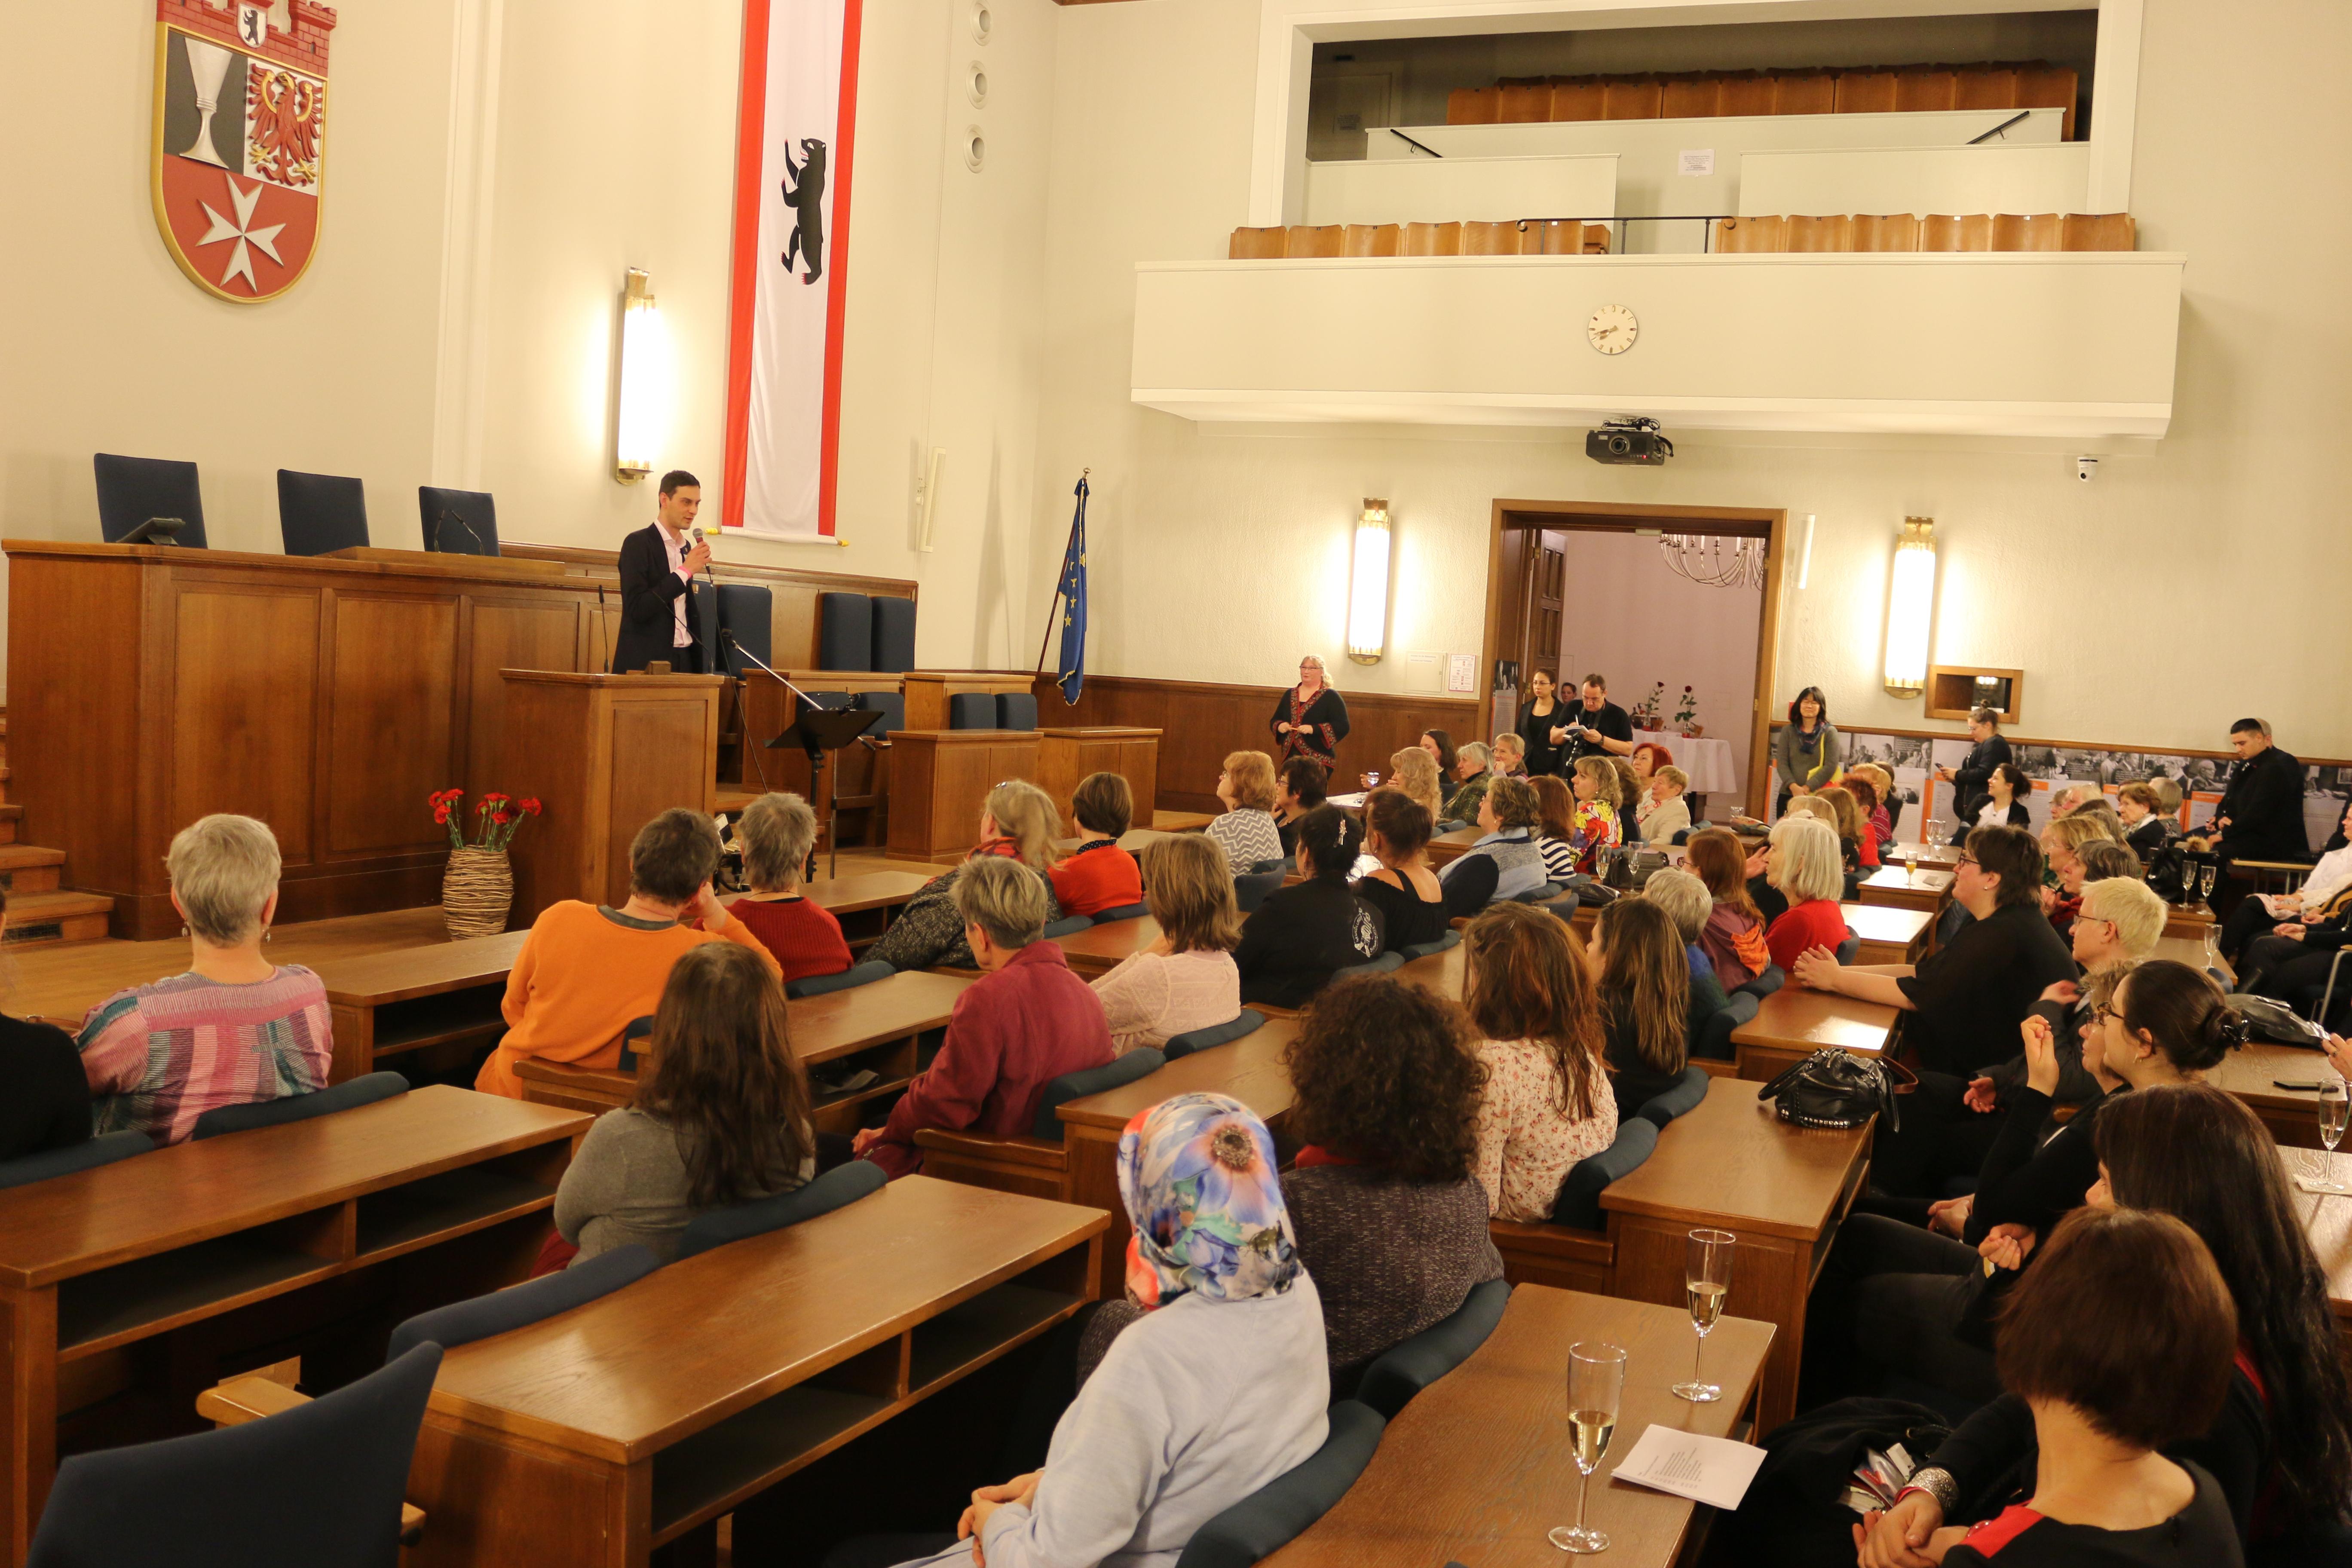 Feier 100 Jahre Frauenwahlrecht mit dem Blick nach vorne 1